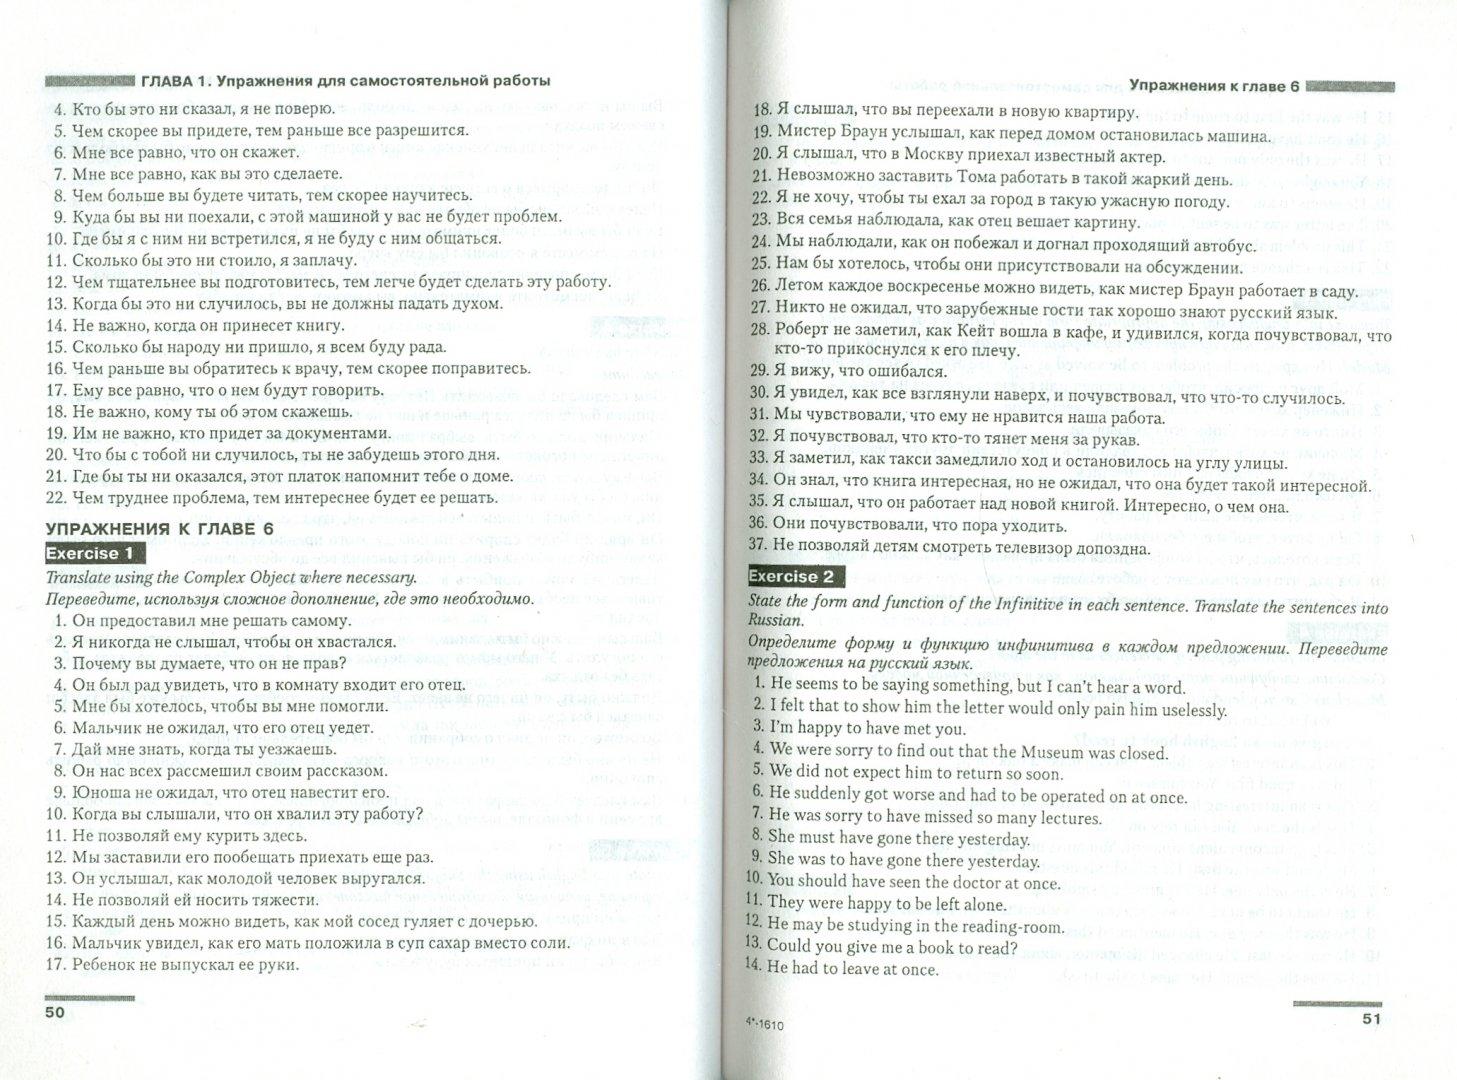 Иллюстрация 1 из 23 для Грамматика английского языка. Упражнения с ключами. Учебное пособие - Татьяна Цветкова | Лабиринт - книги. Источник: Лабиринт